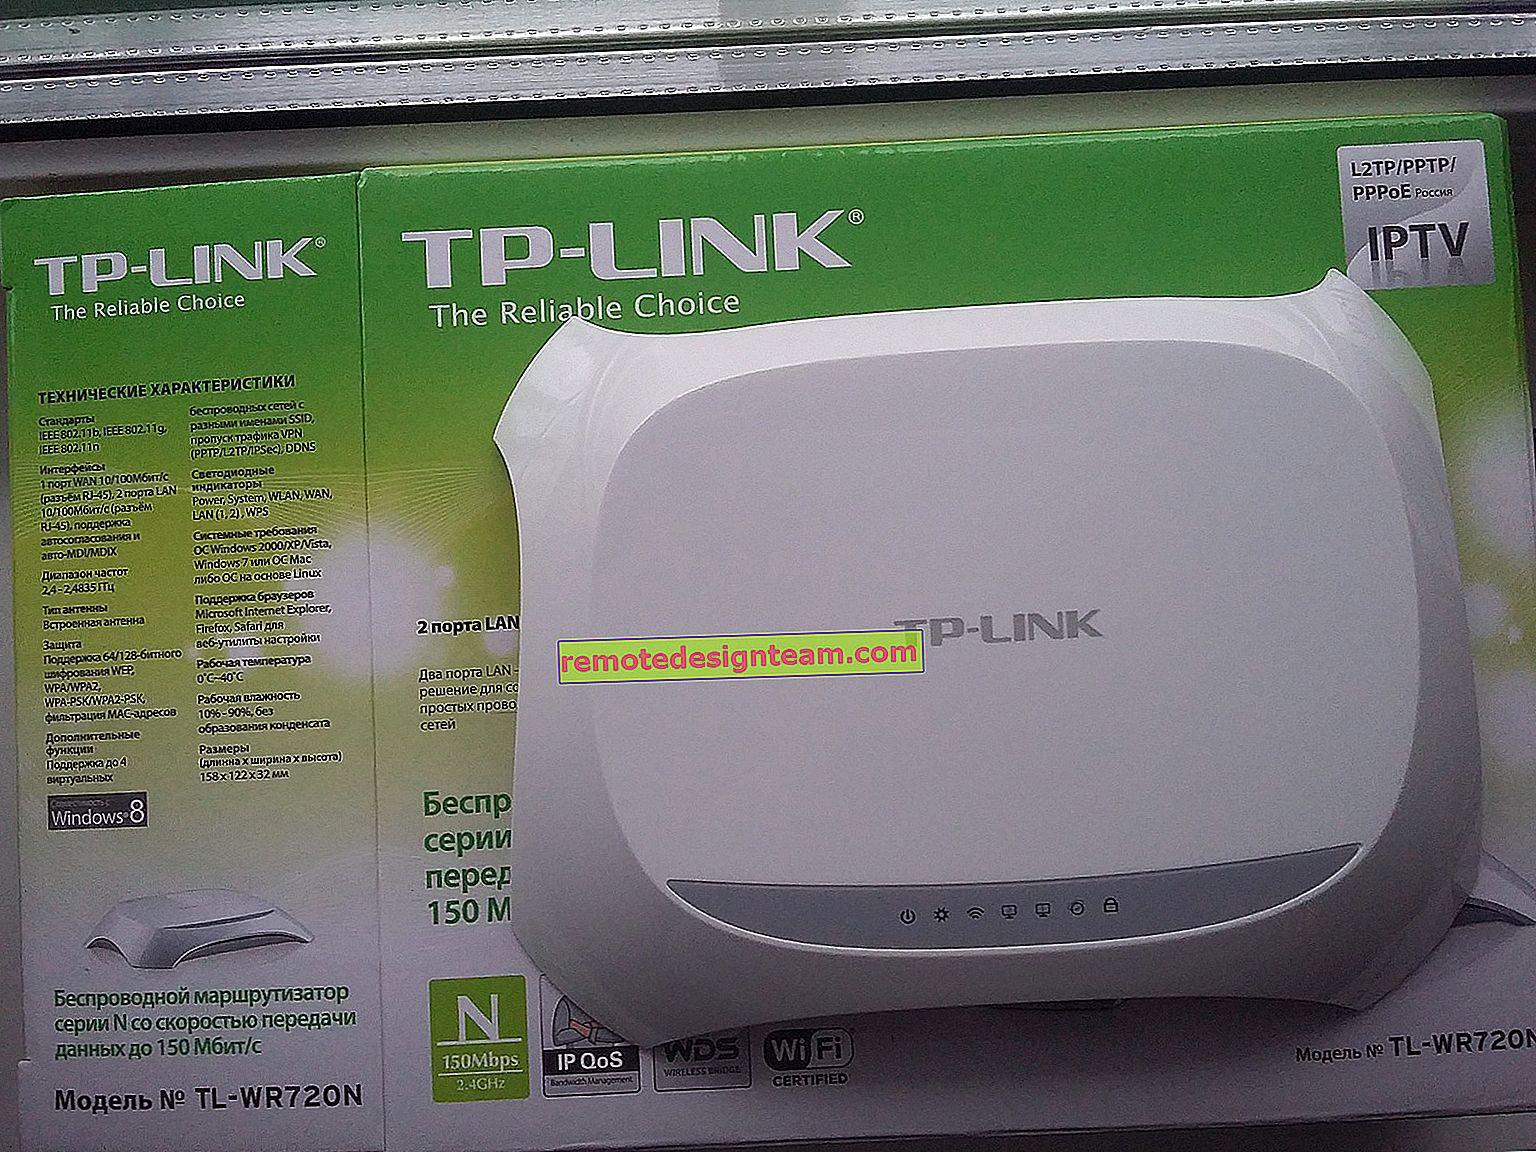 Роутер TP-LINK TL-WR720N ріже швидкість